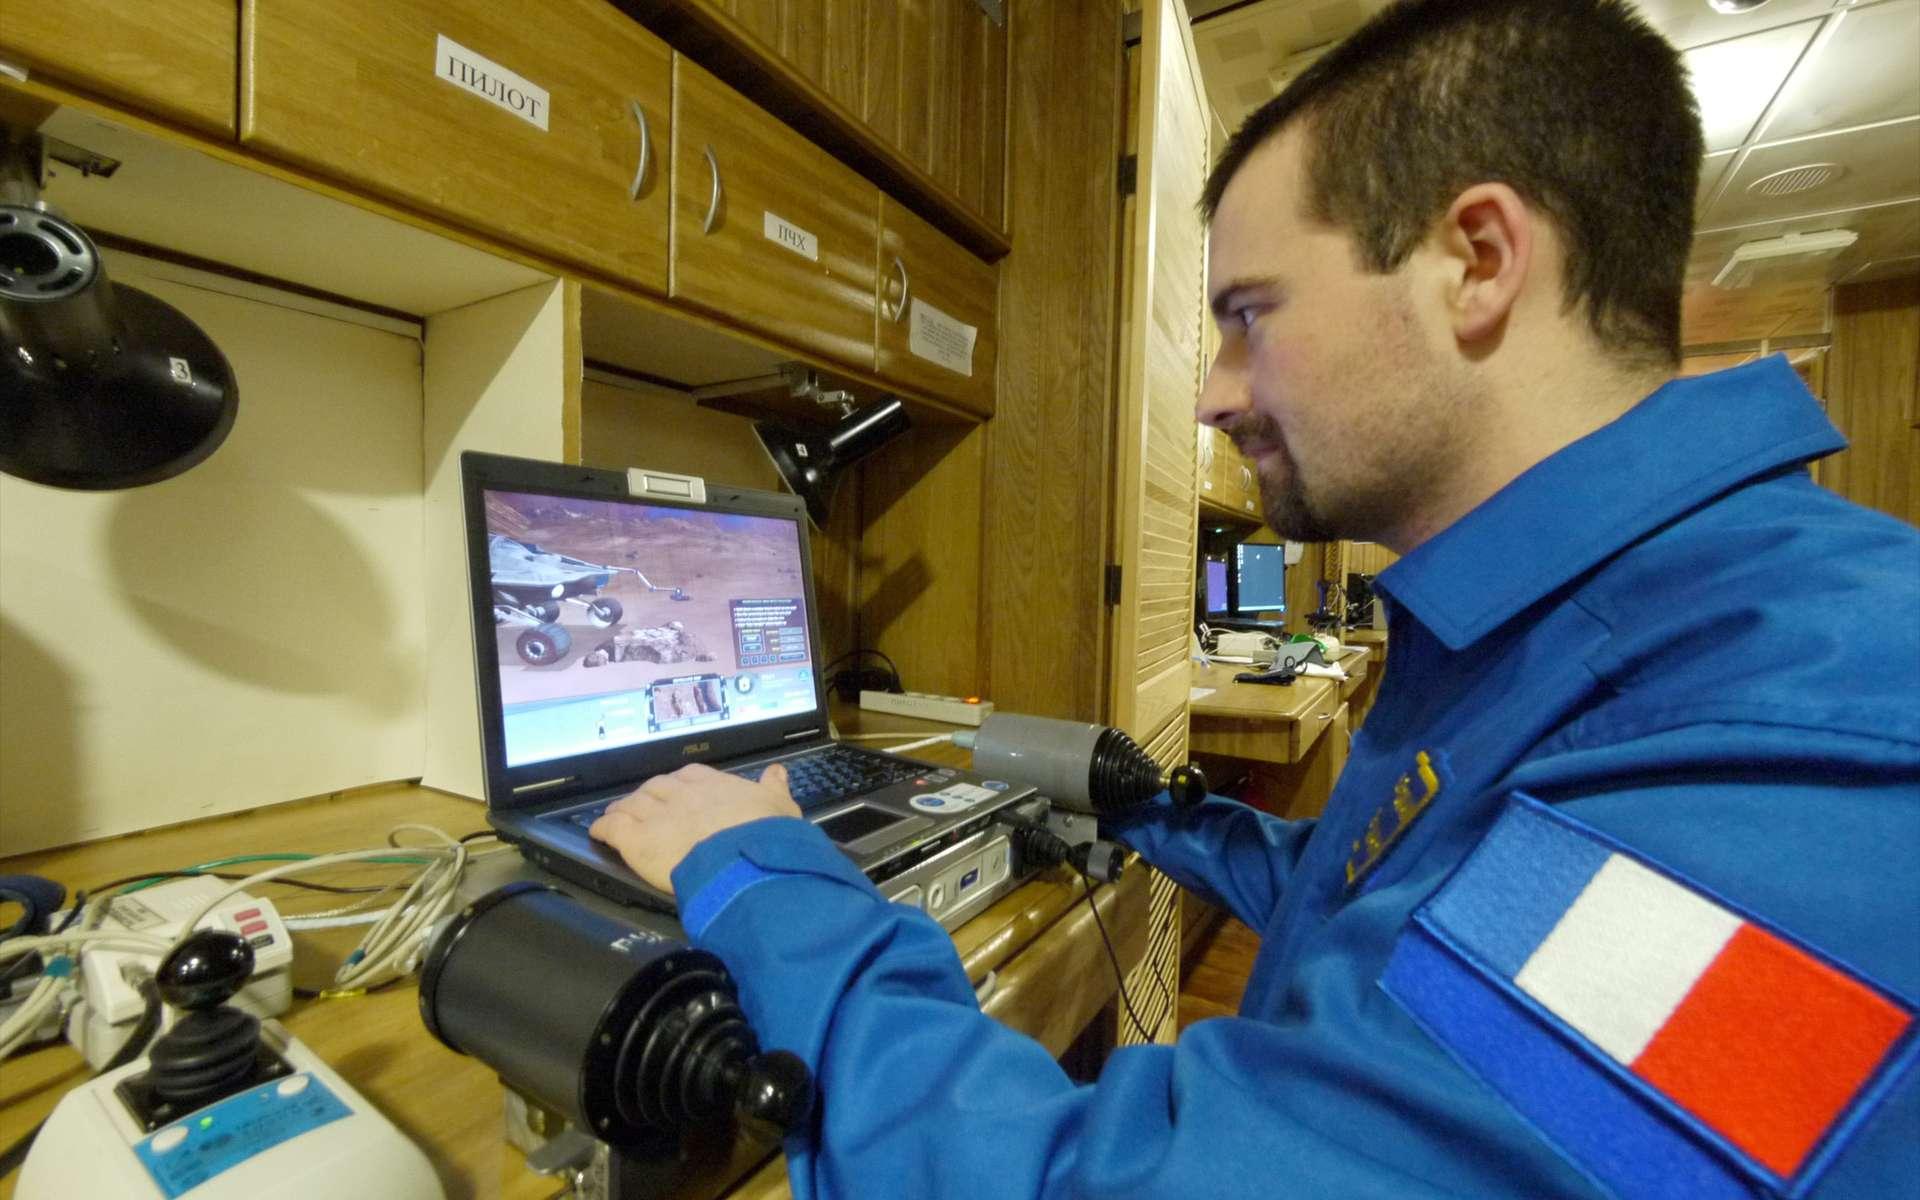 Initiée et organisée par l'Agence spatiale européenne et l'Institut des problèmes biomédicaux de Moscou, l'expérience Mars 500 a permis de recueillir des données physiologiques et psychologiques, essentielles pour l'envoi d'Hommes sur Mars. © Esa